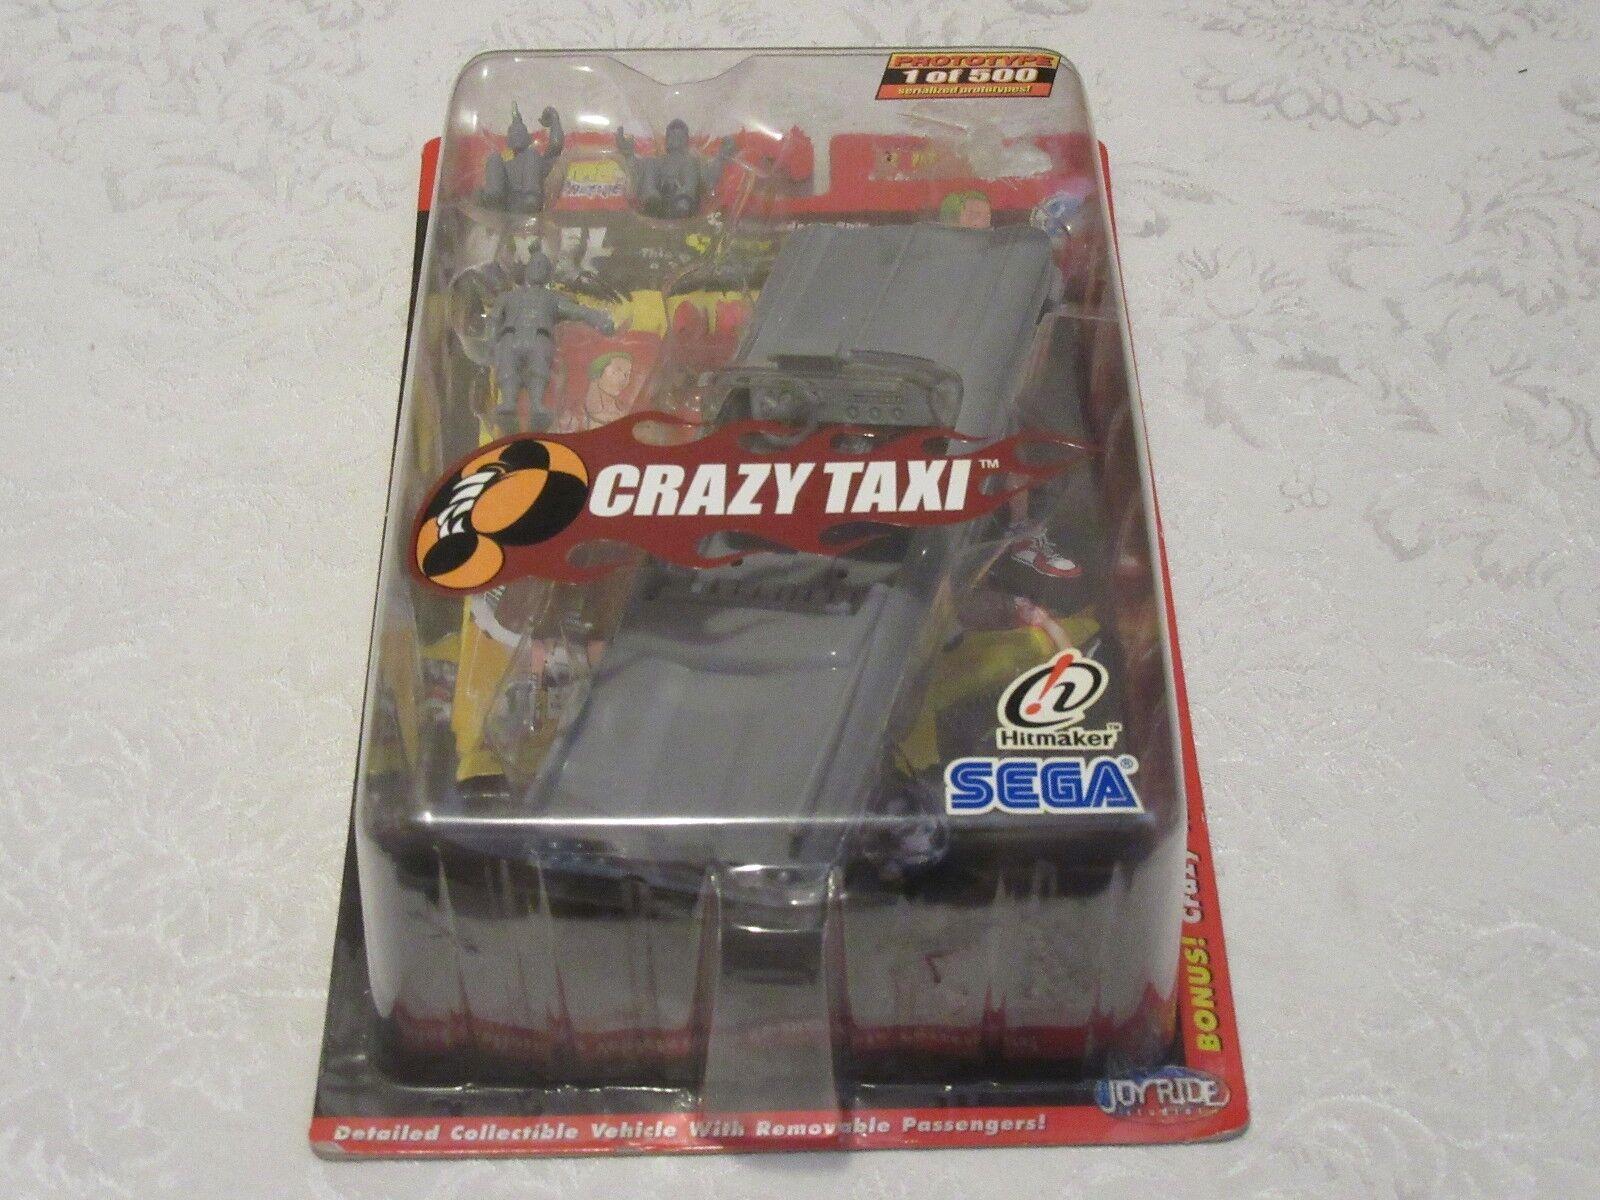 Joyride Studios GamePro Presents Crazy Taxi Sega Sega Sega Prototype Axel Series 2 Figure 84dc5e